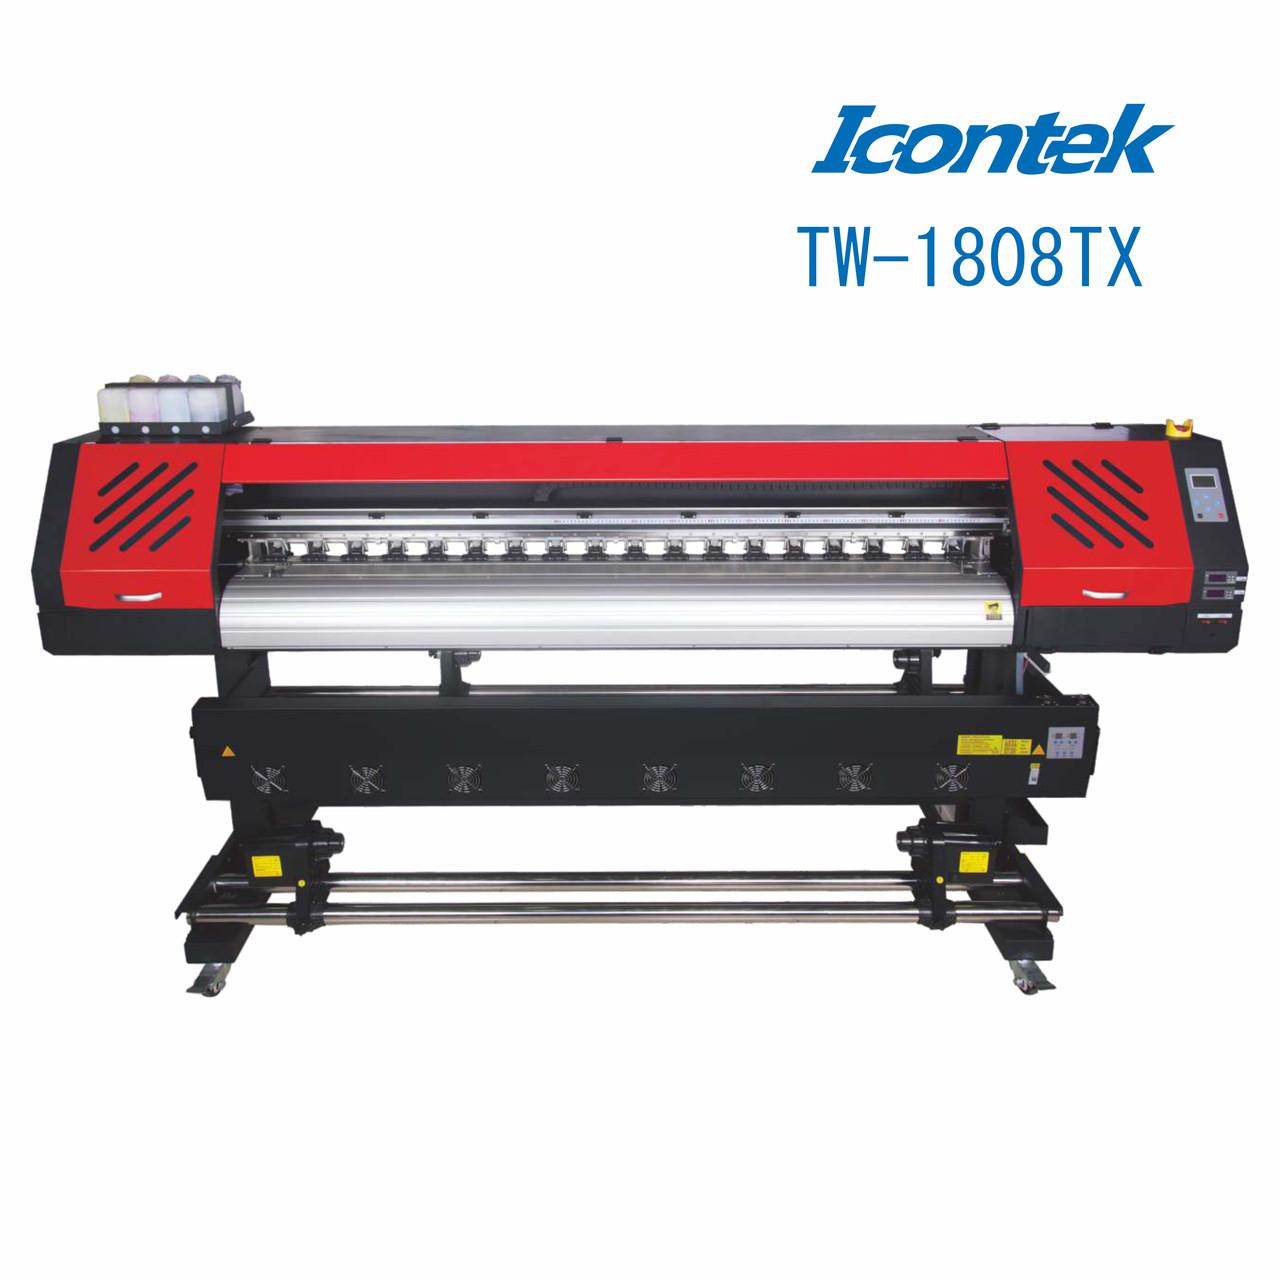 Принтер широкоформатный 1,8м TW-1808TX ICONTEK